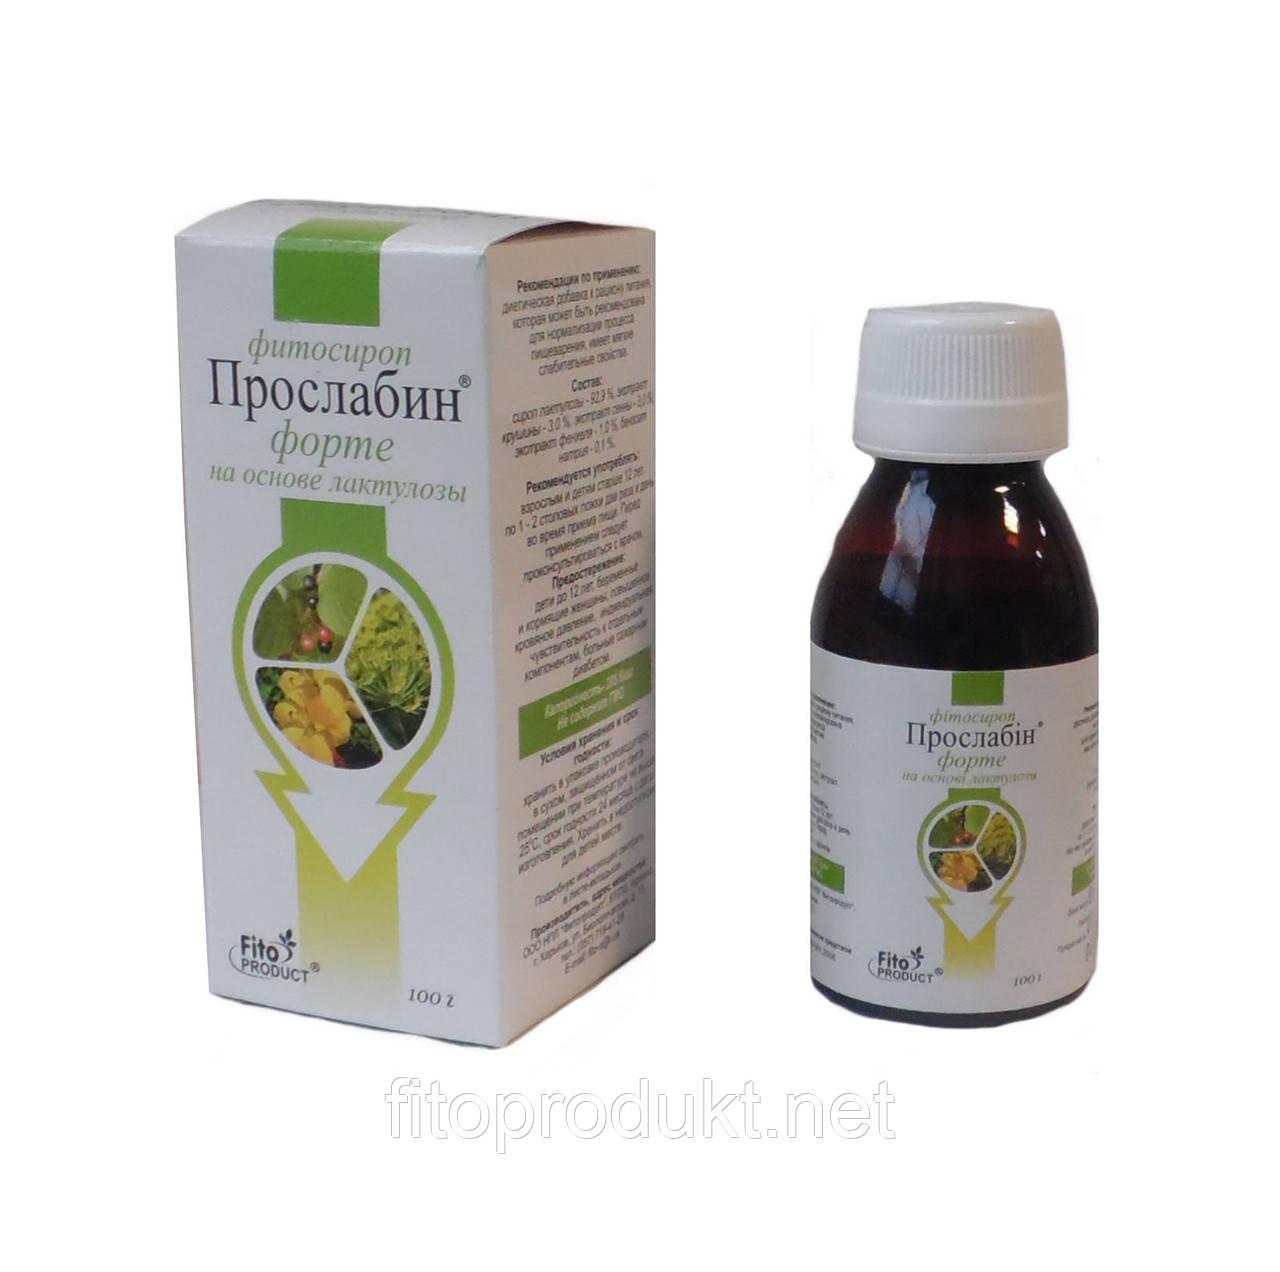 Прослабин Форте фитосироп на основе Лактулозы 100 мл Фитопродукт